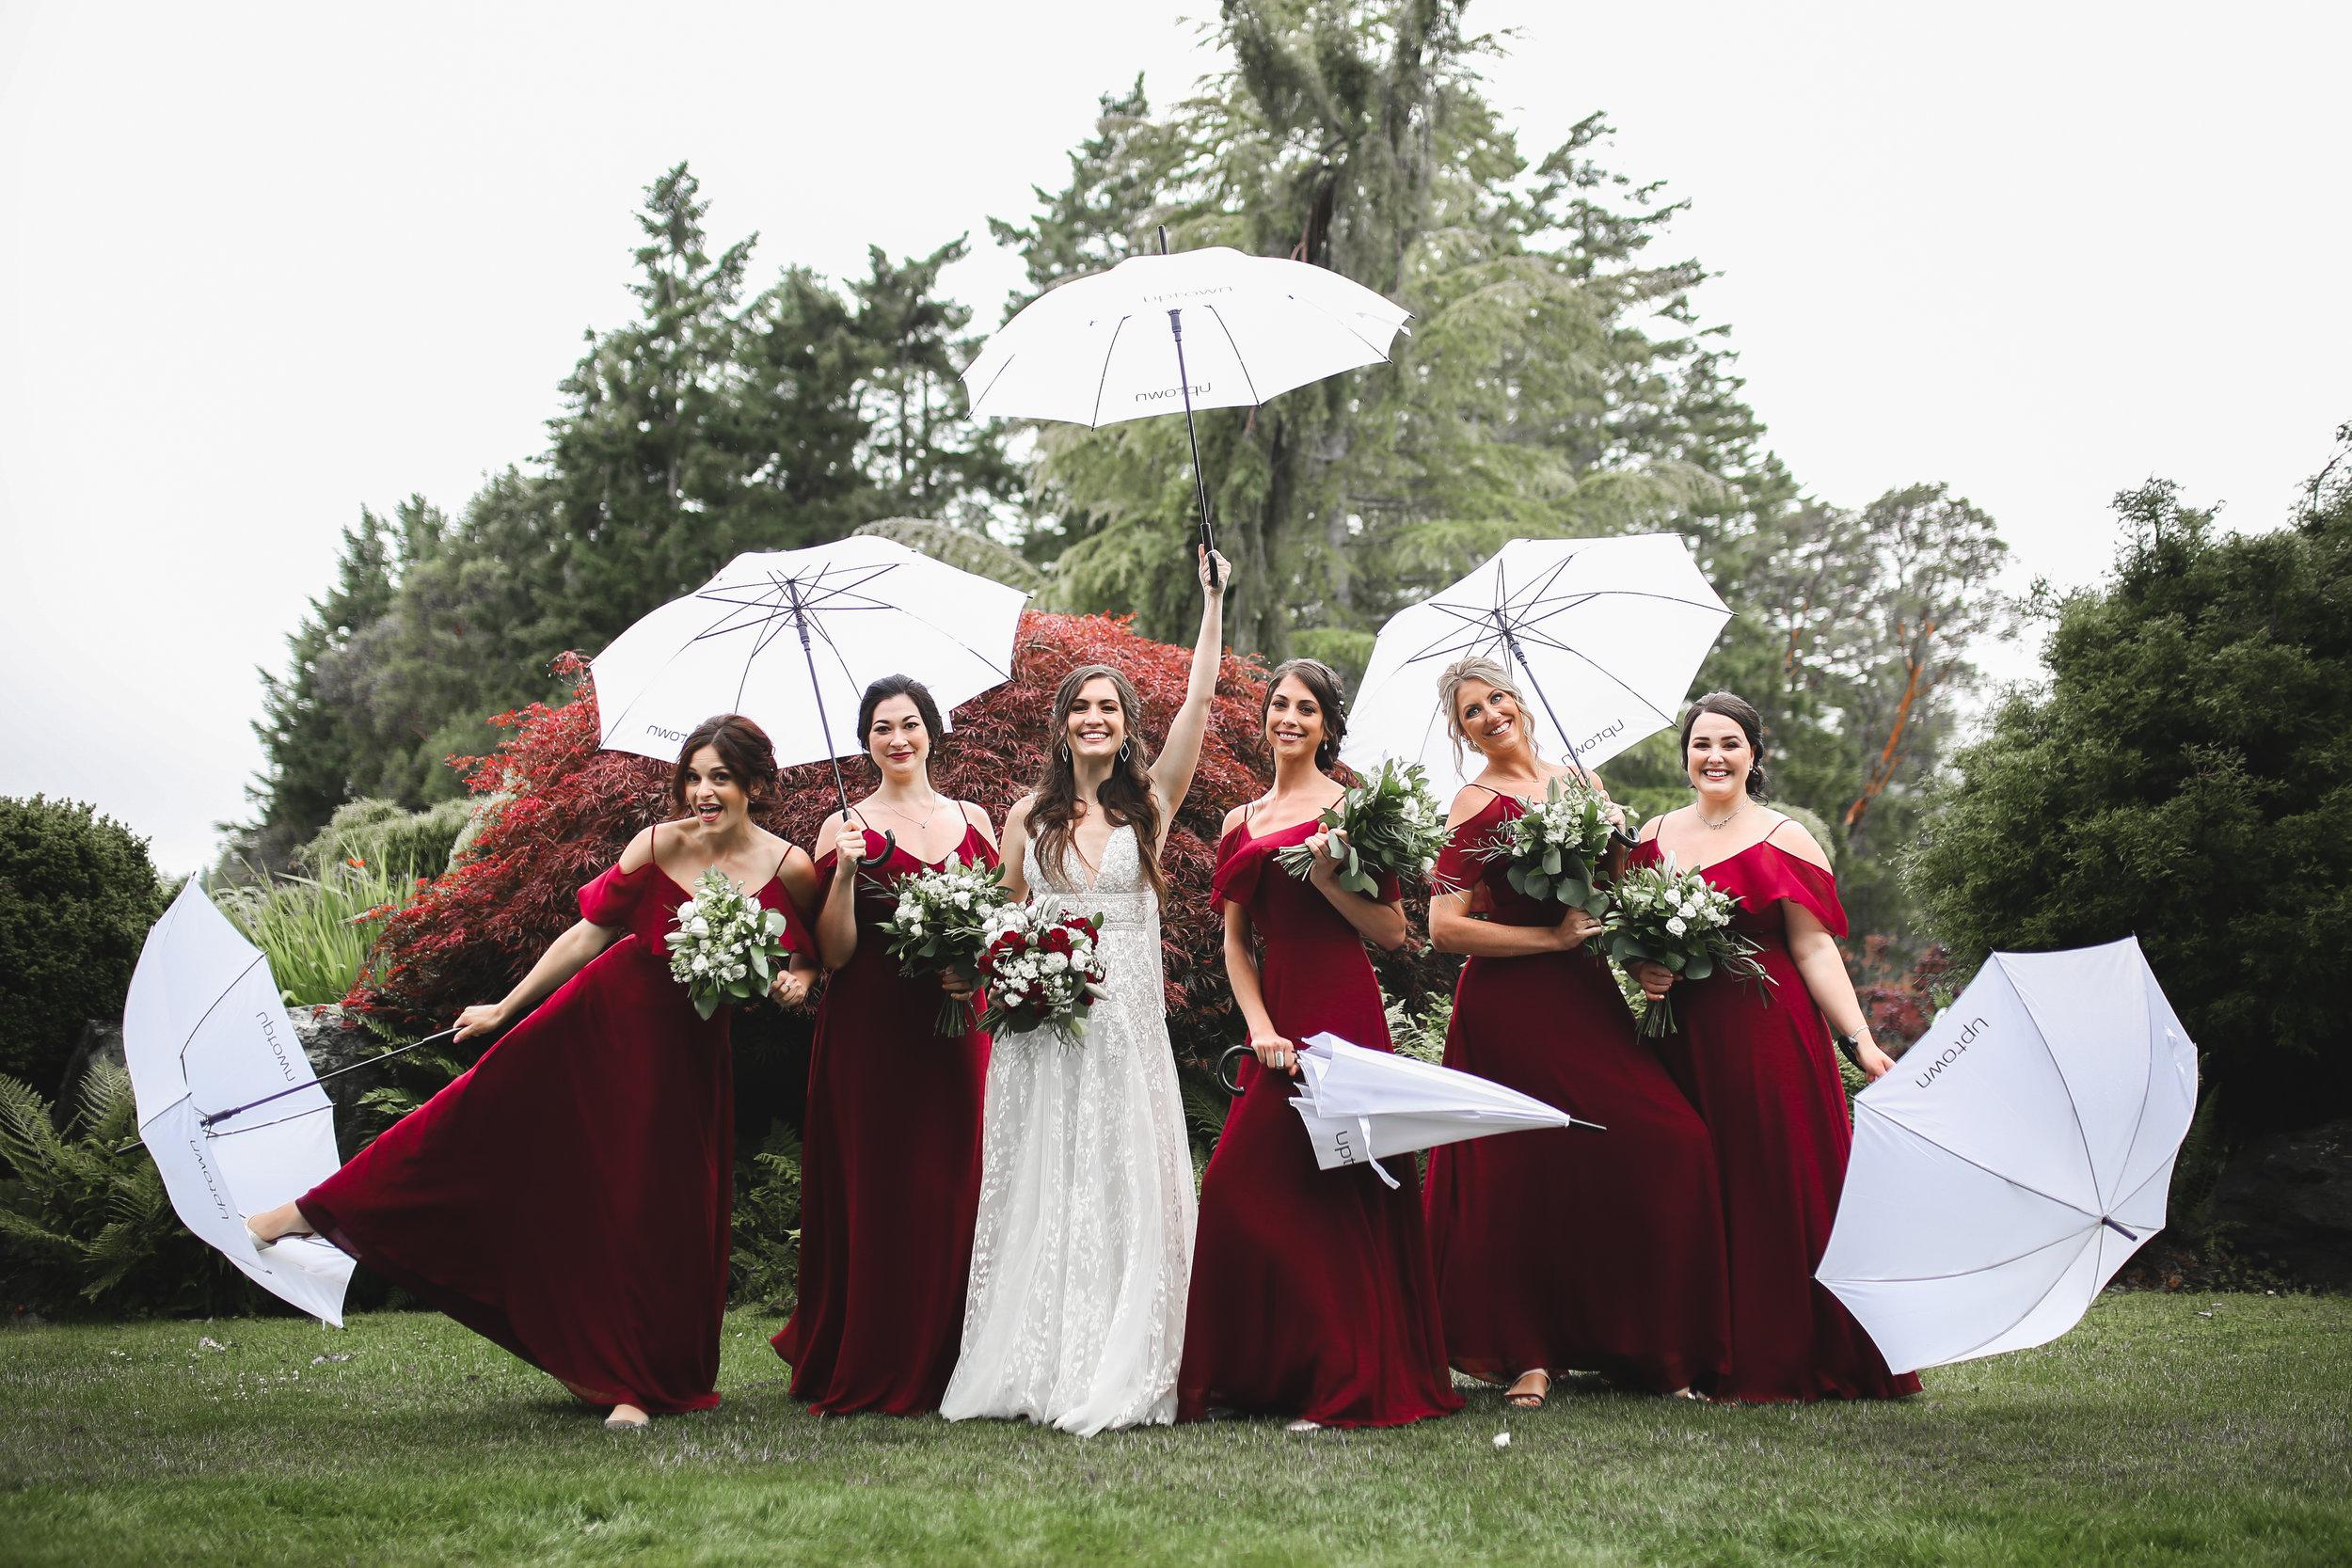 52 Adam Ziorio Photography - Allison & Austin's Wedding.jpg